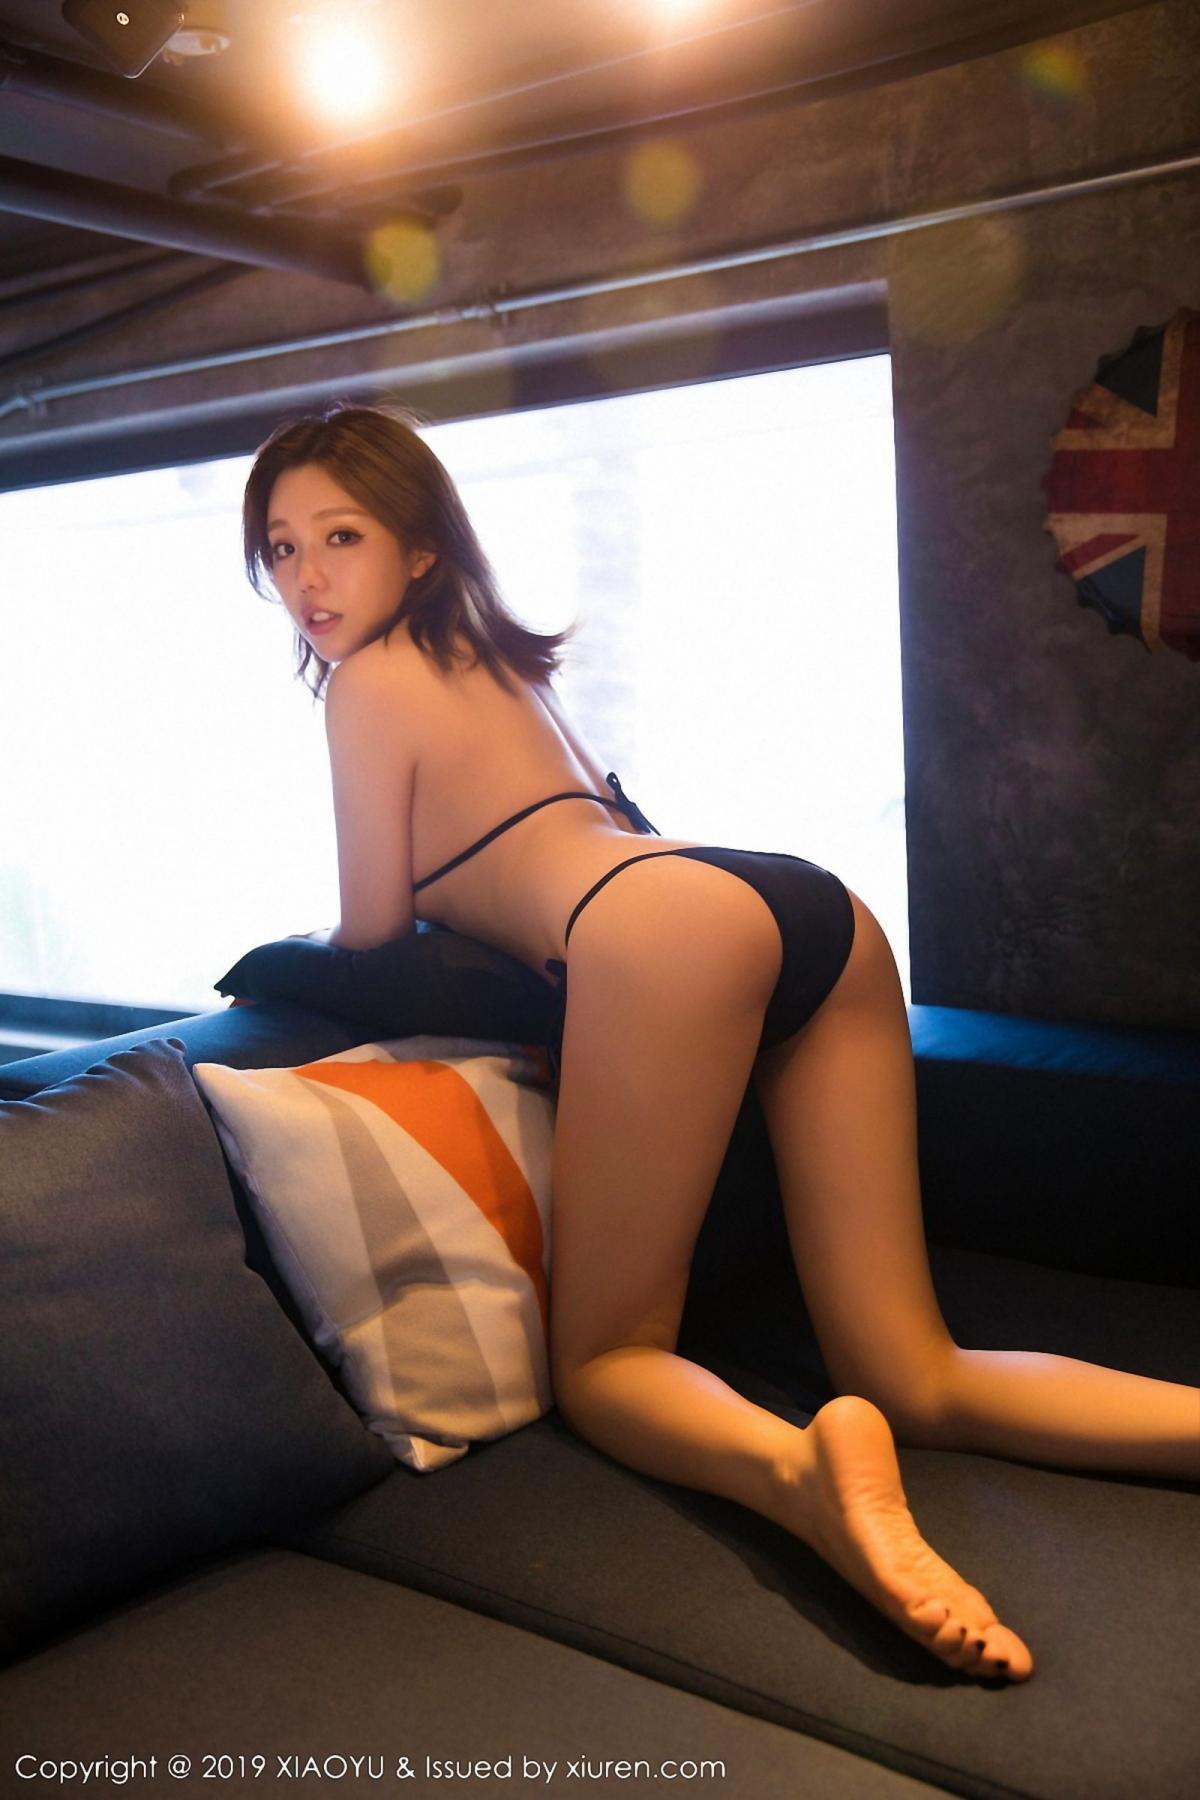 [XiaoYu] Vol.036 Huang Le Ran 30P, Bikini, Huang Le Ran, XiaoYu